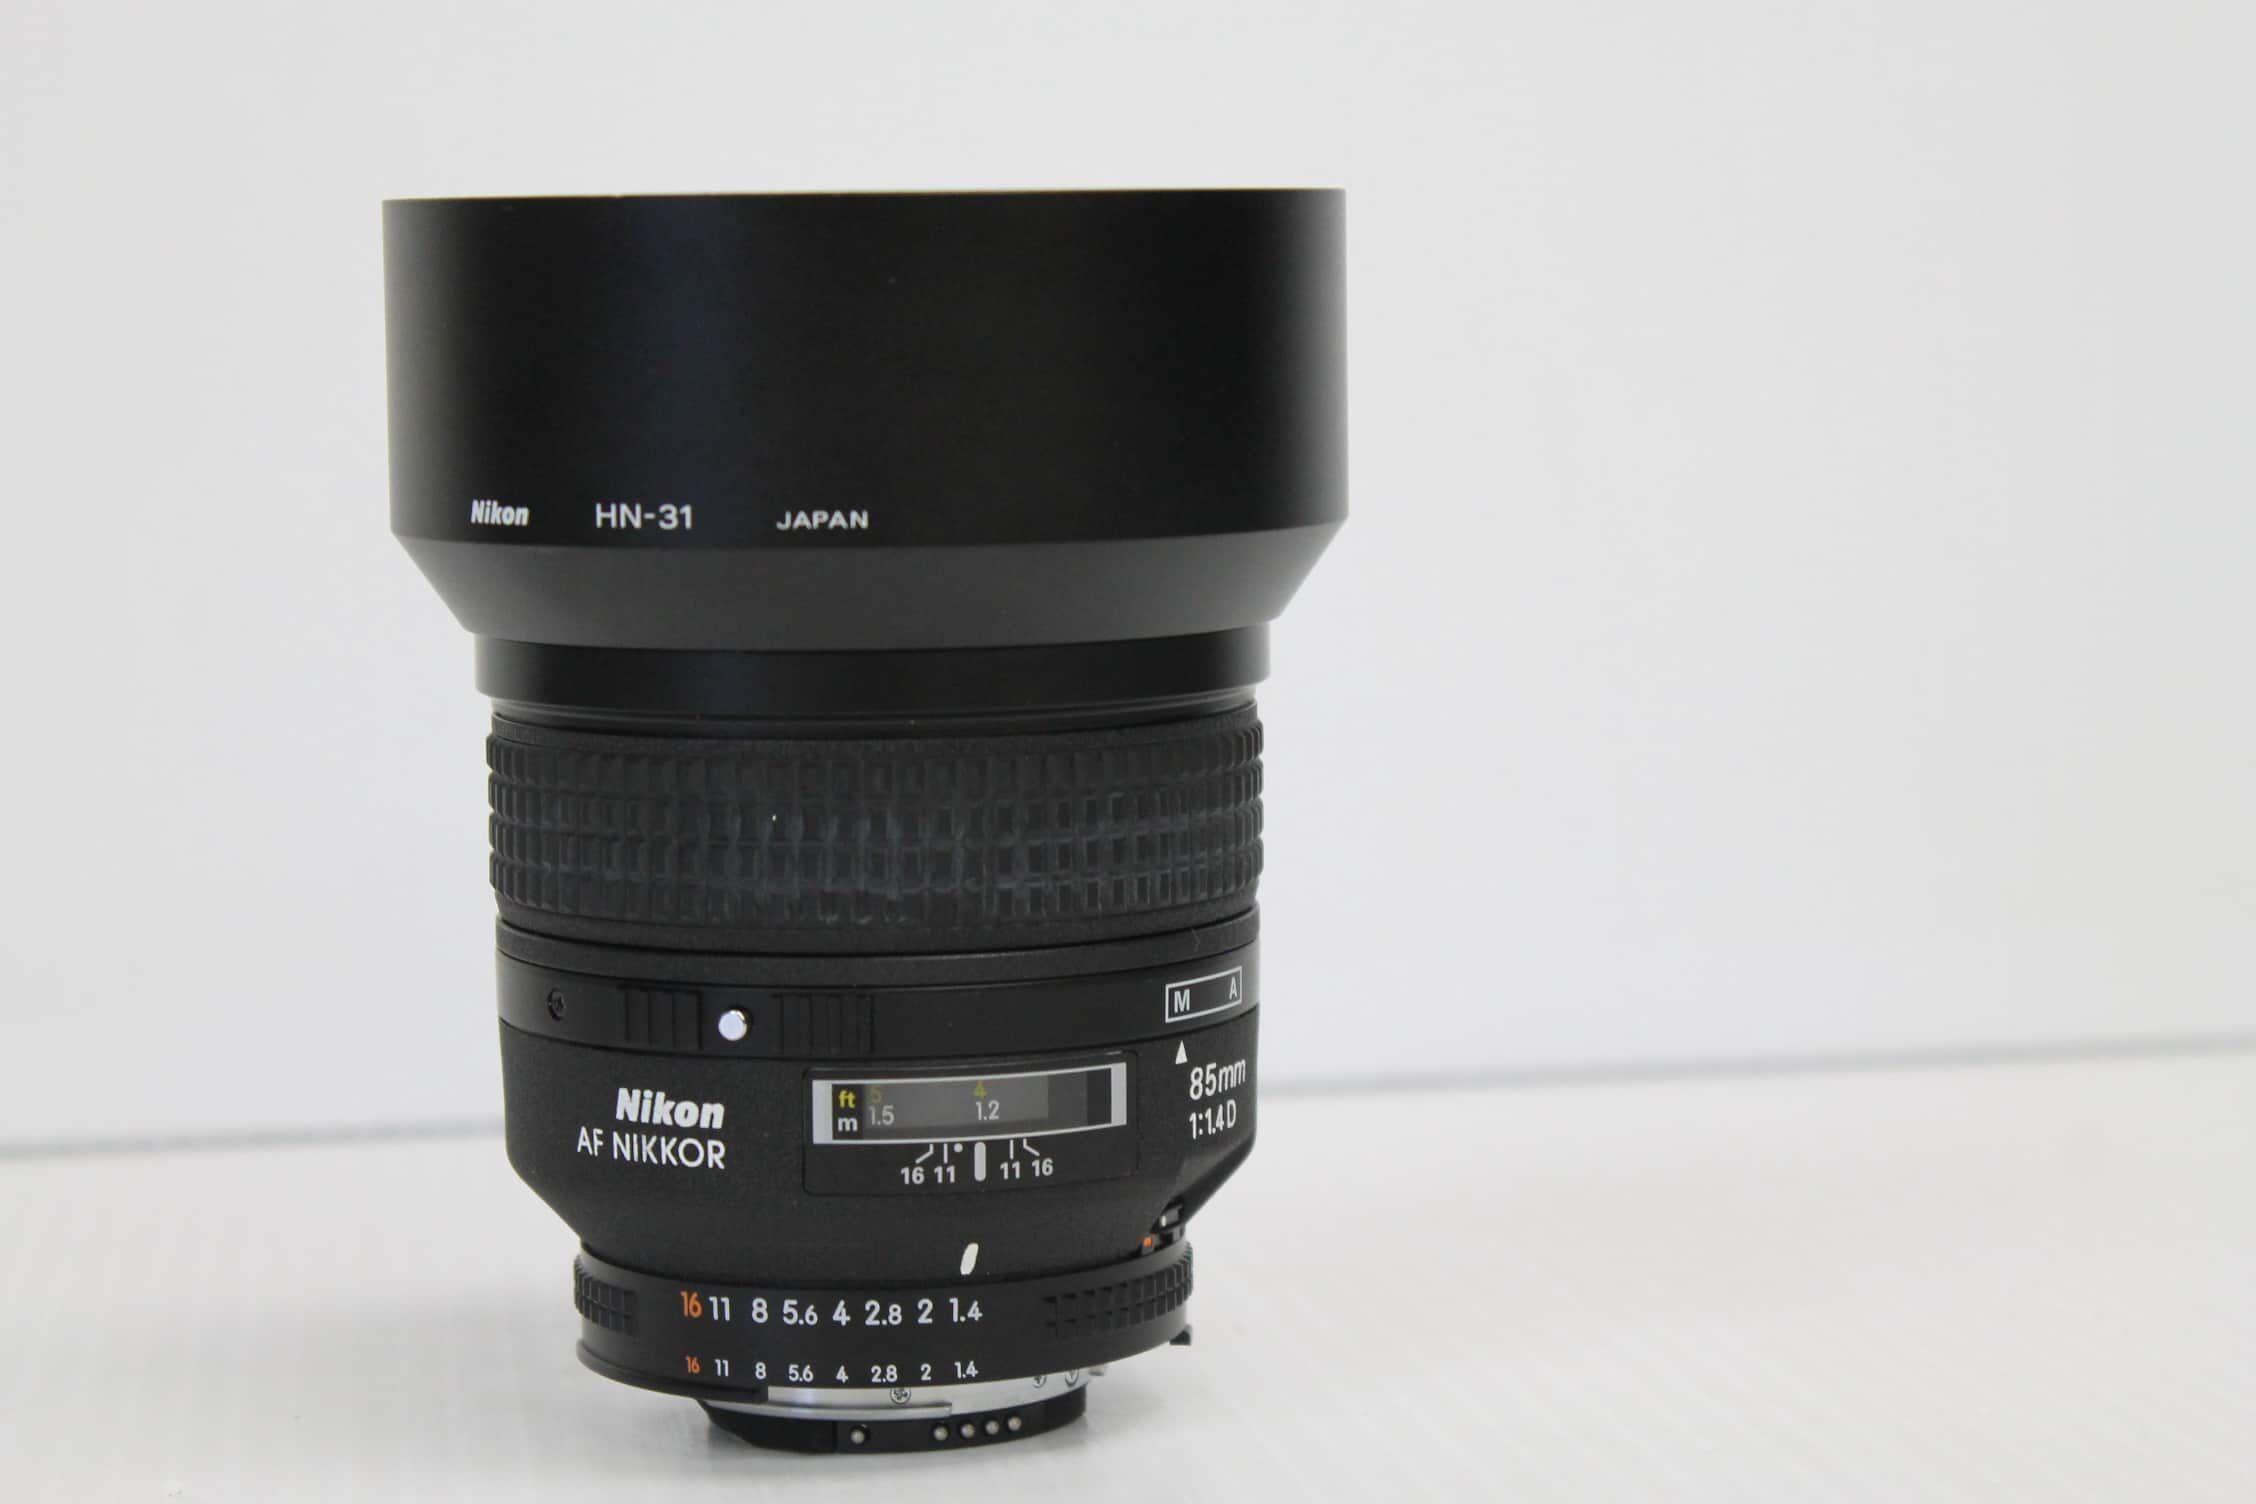 Nikon AF Nikkor 85mm 1:1.4 D Lens